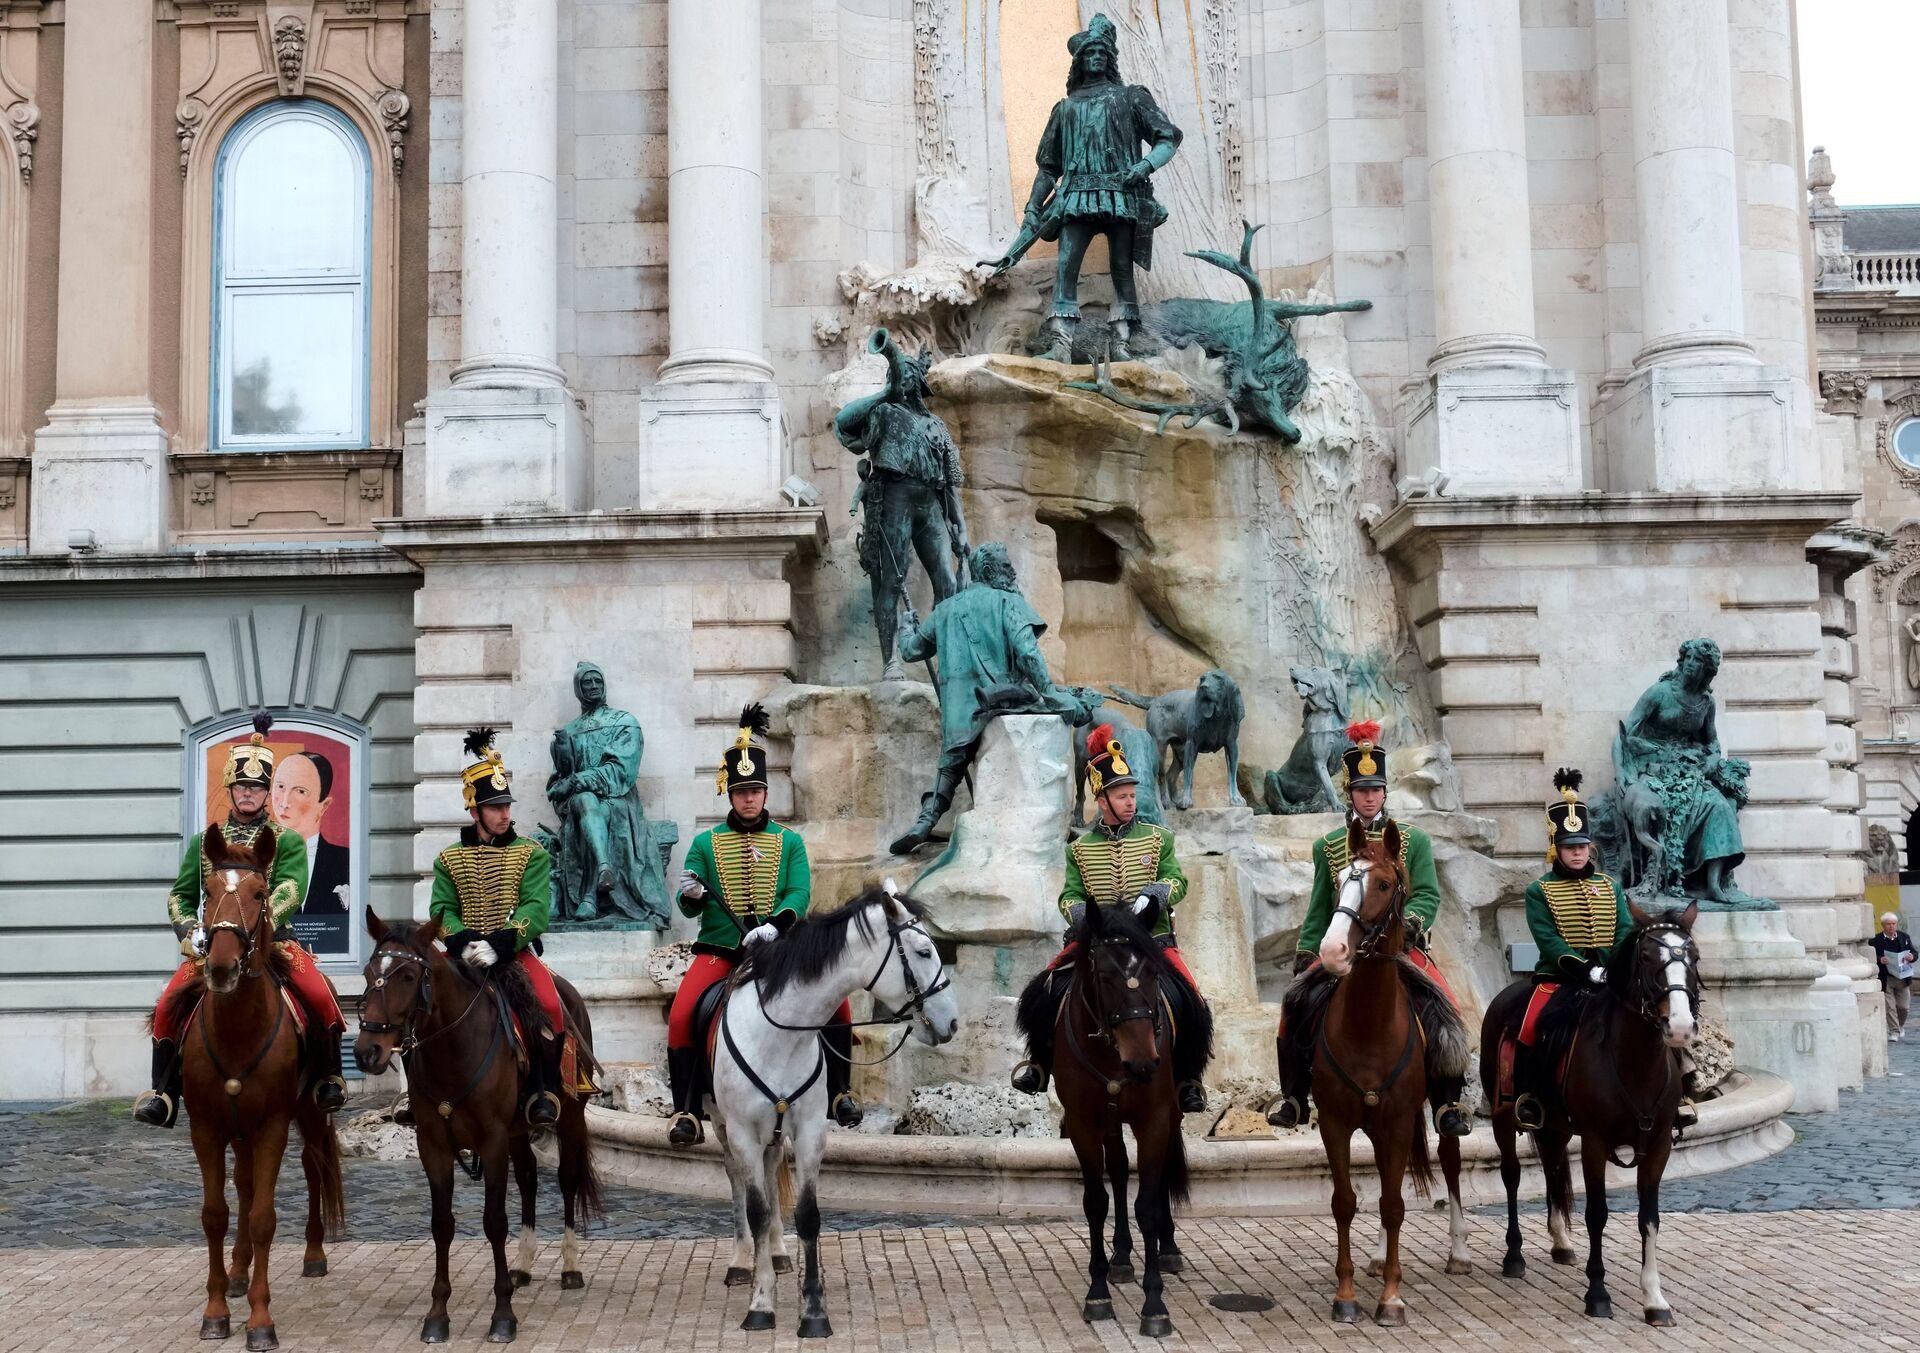 Королевские гвардейцы возле фонтана, изображающего охоту короля Матьяша, на территории Королевского дворца в Будапеште - РИА Новости, 1920, 09.09.2020